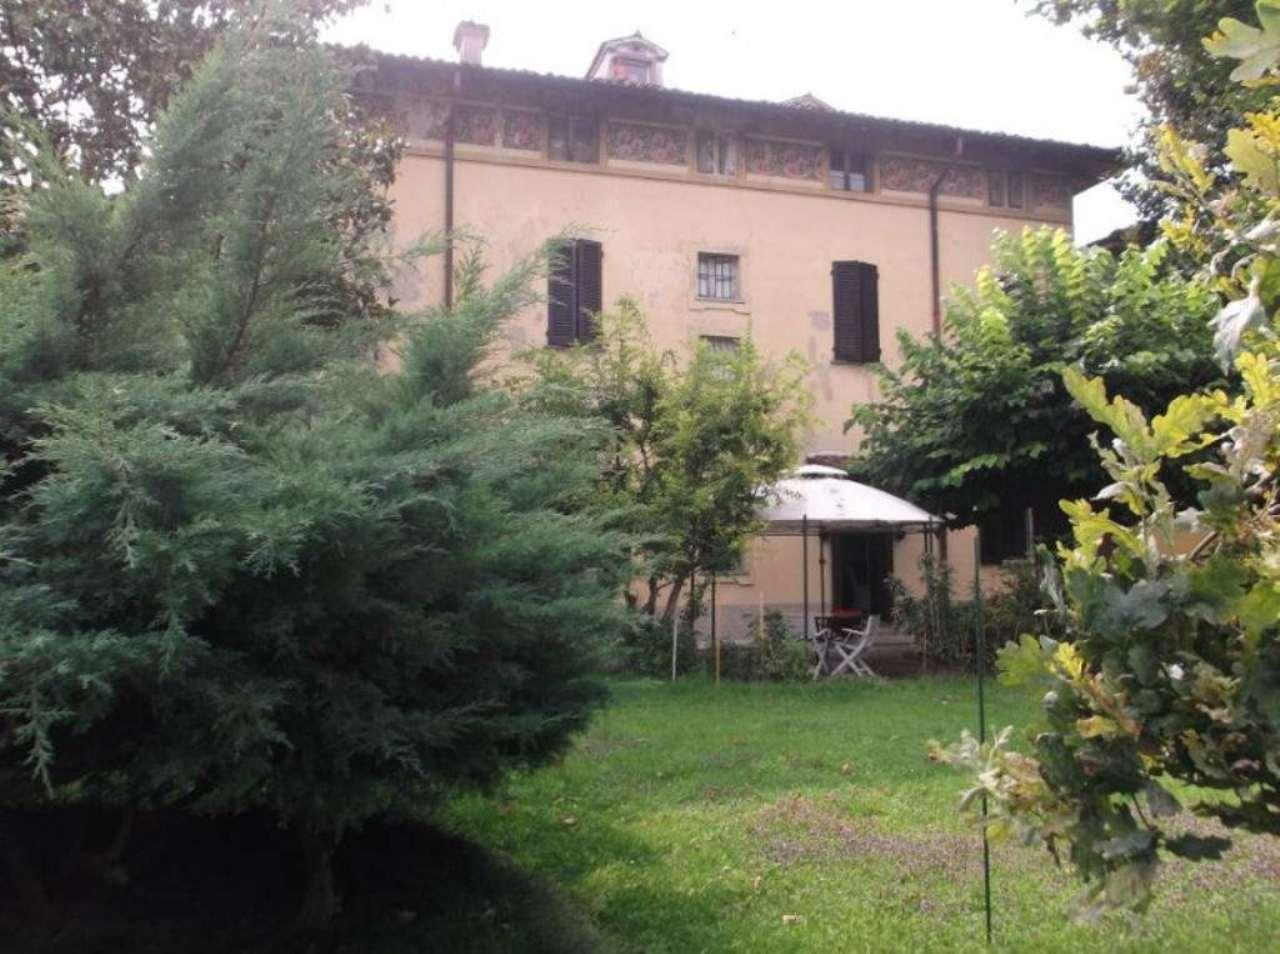 Villa in vendita a Lodi, 6 locali, prezzo € 750.000 | Cambio Casa.it